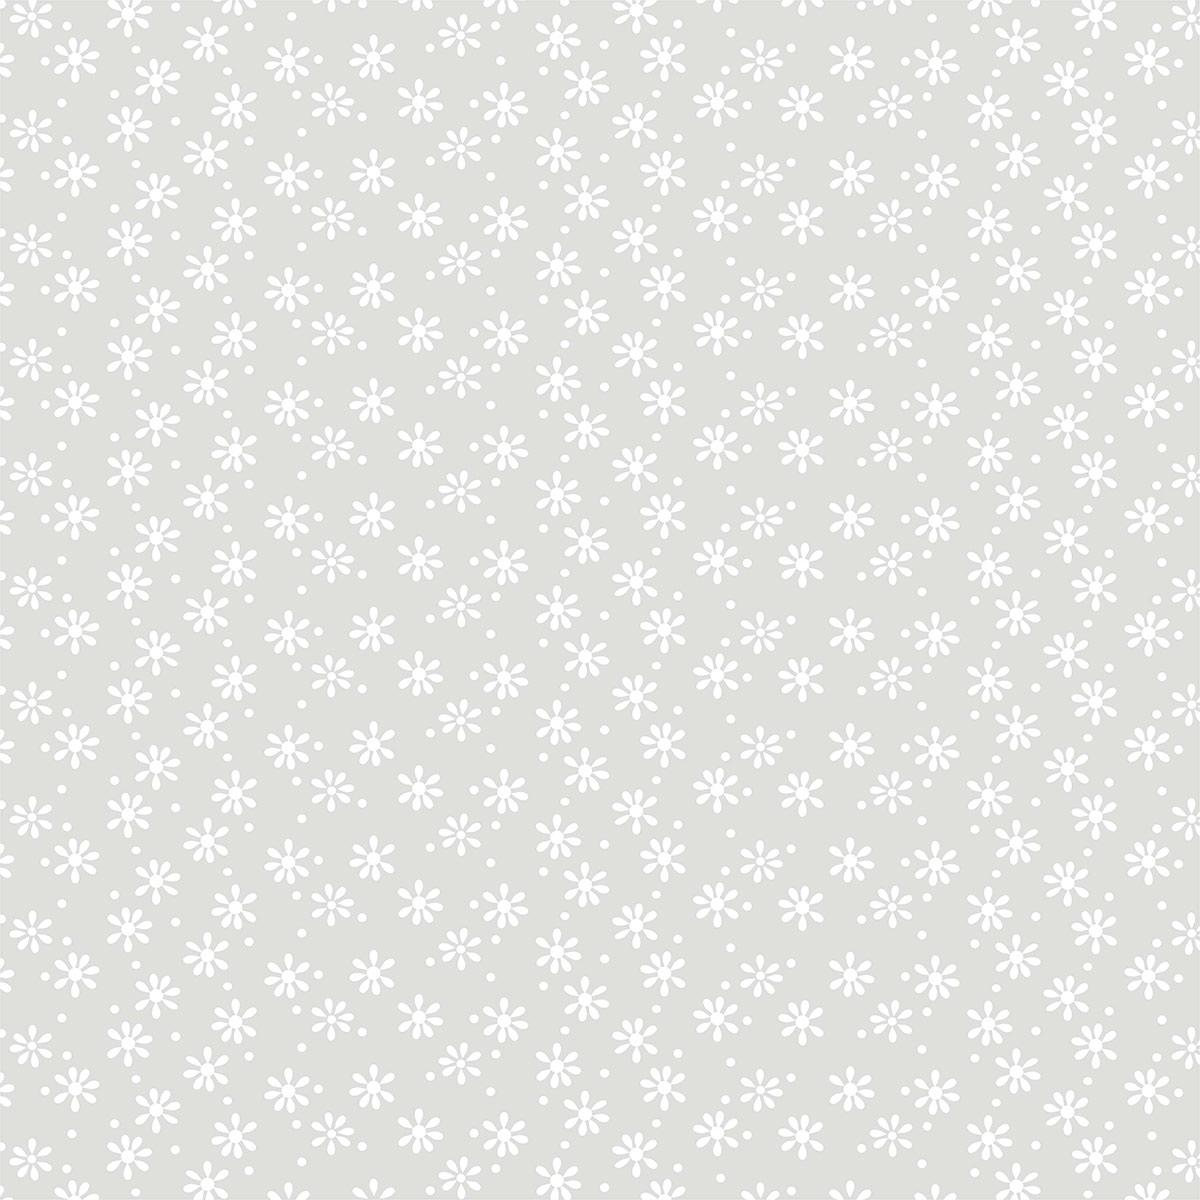 К104 Калька декоративная 'Ромашки', 30,5*30,5 см, упак./3 шт.